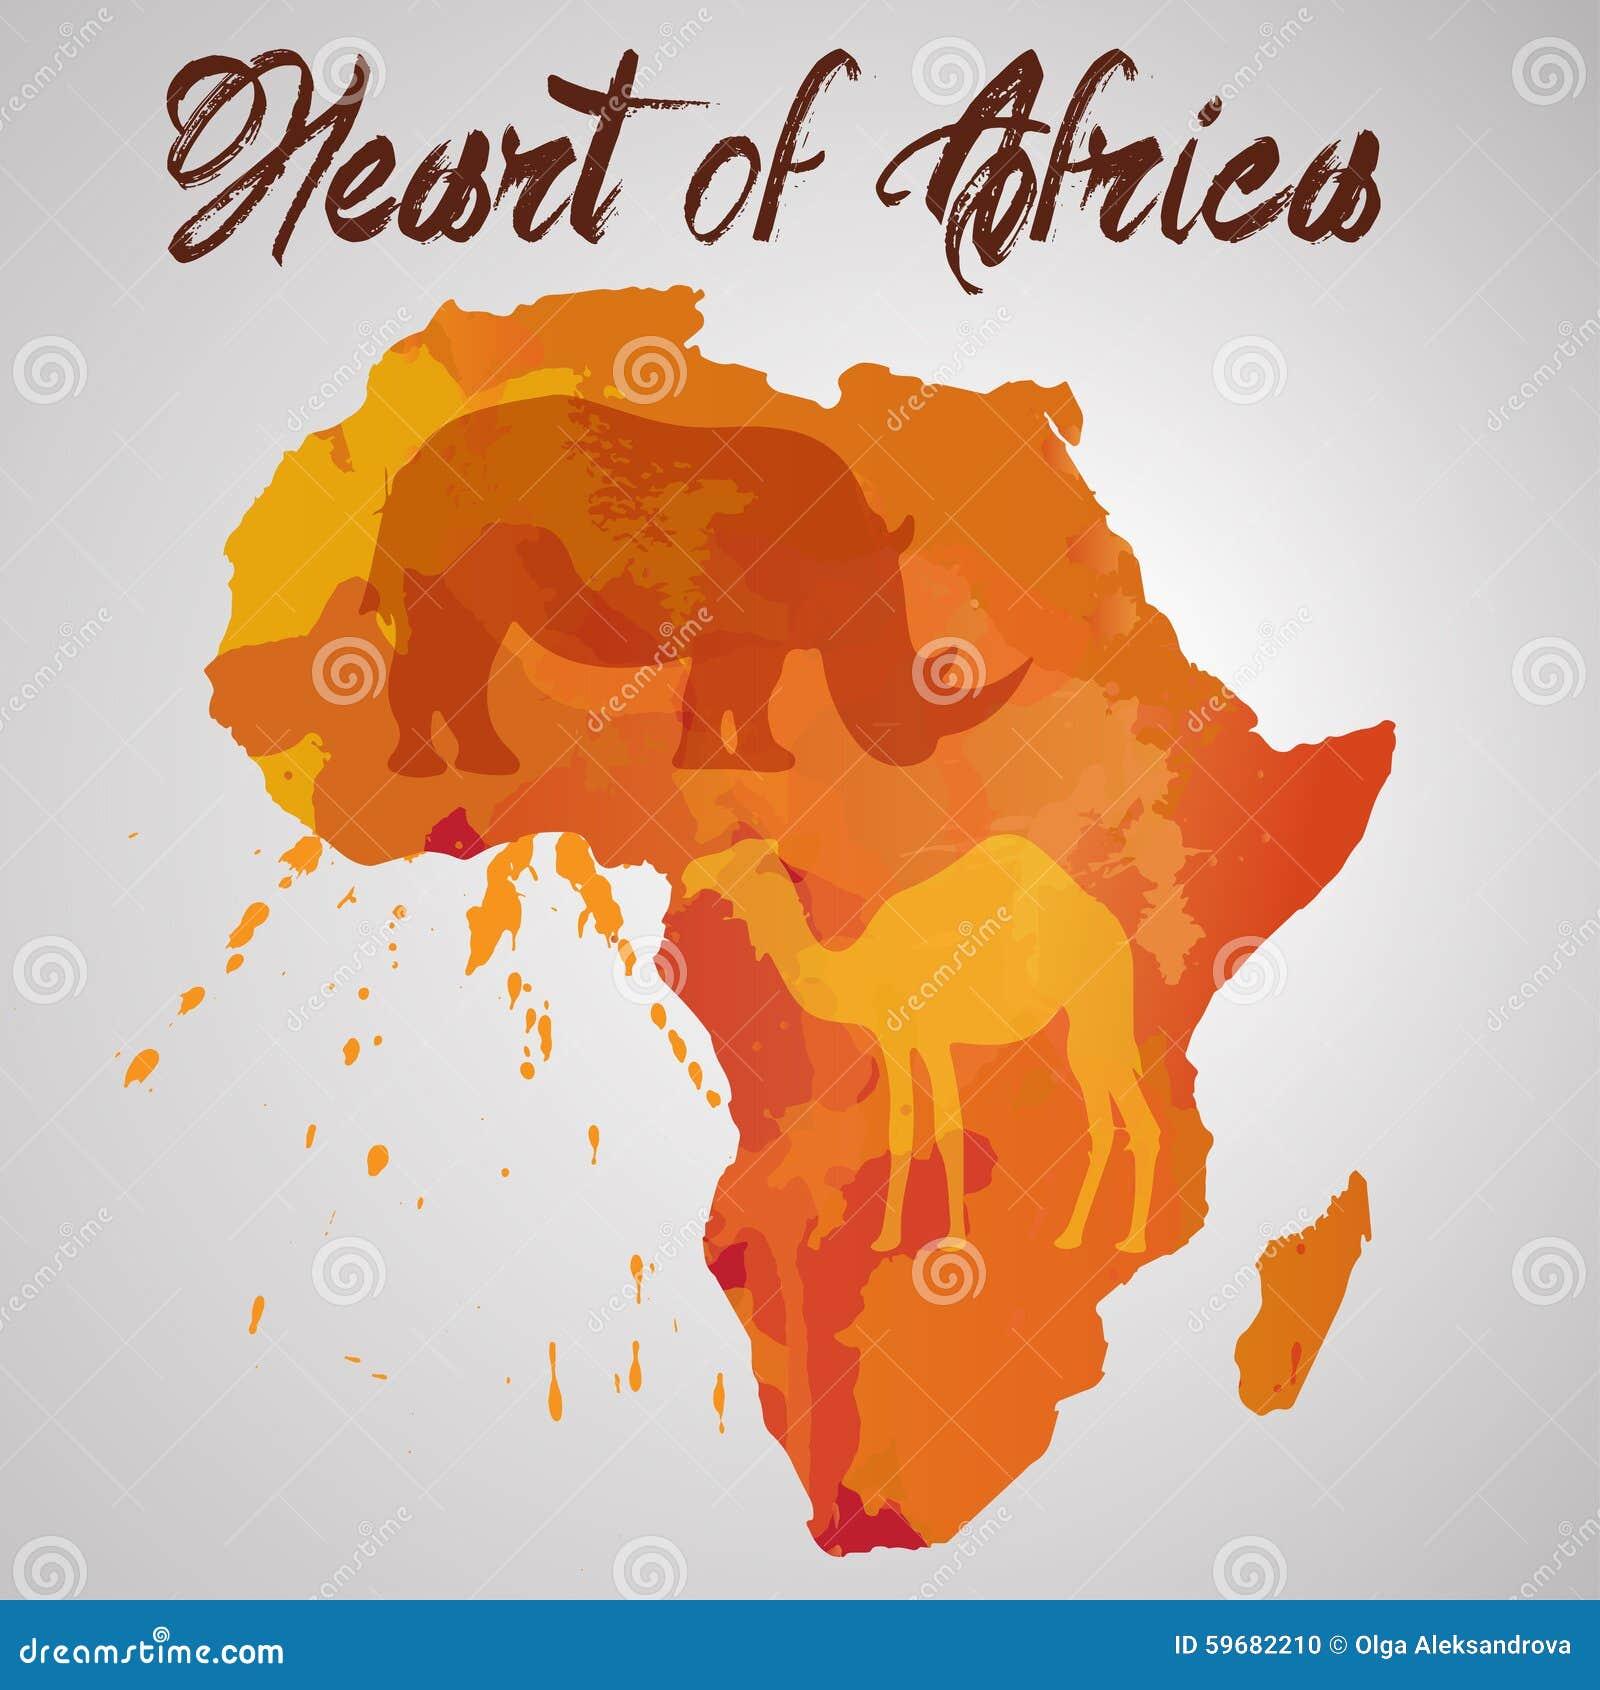 Couleur De L Afrique.Continent De L Afrique Avec L Eclaboussure De Couleur